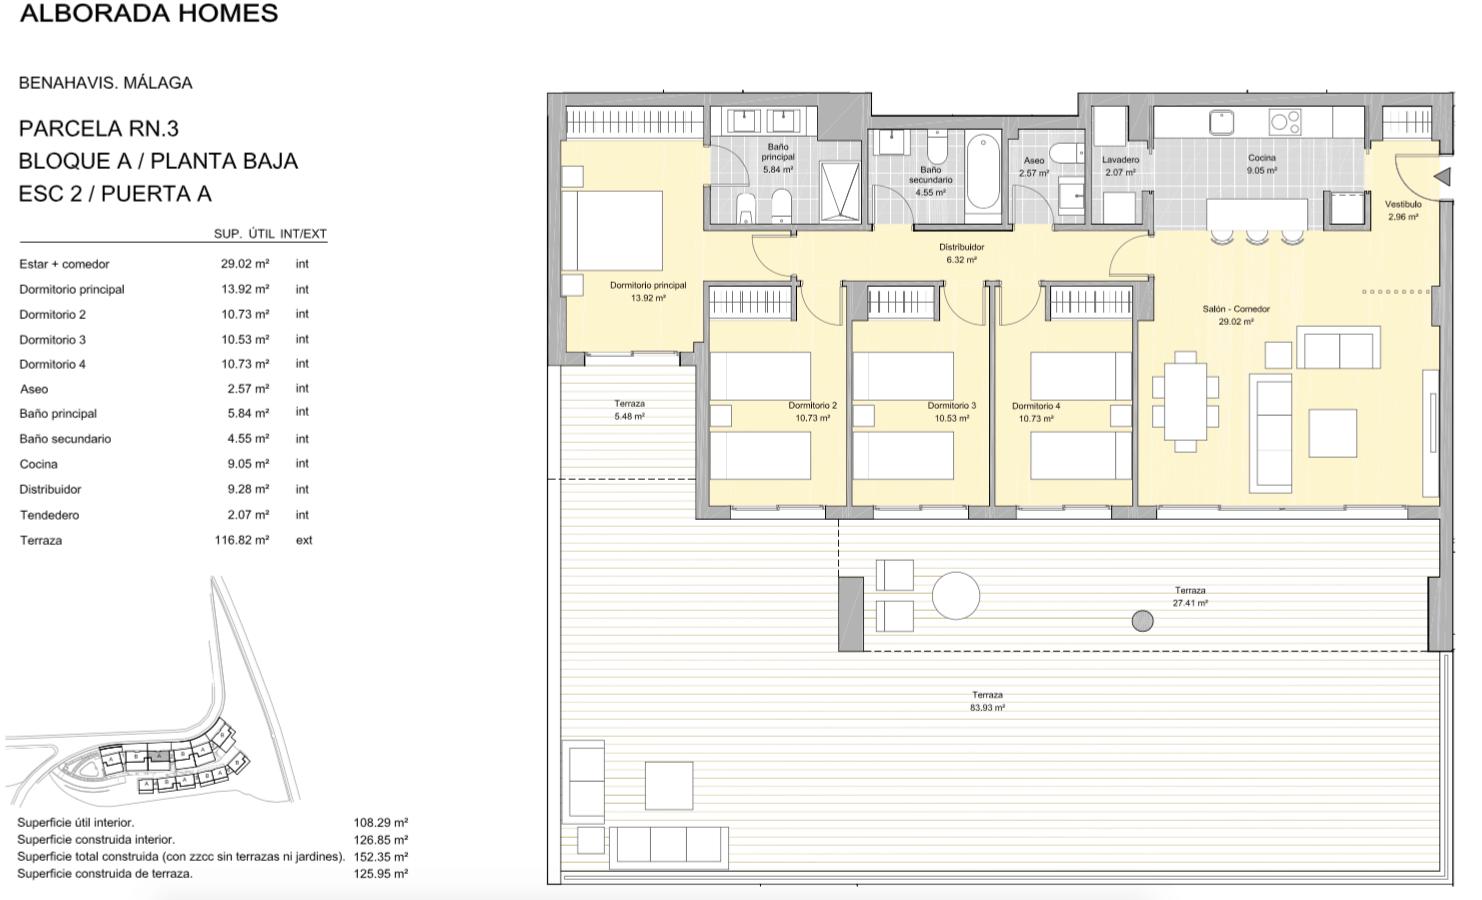 alborada homes benahavis golf la quinta moderne appartementen penthouses te koop grondplan RN3 20A gelijkvloers 4bed